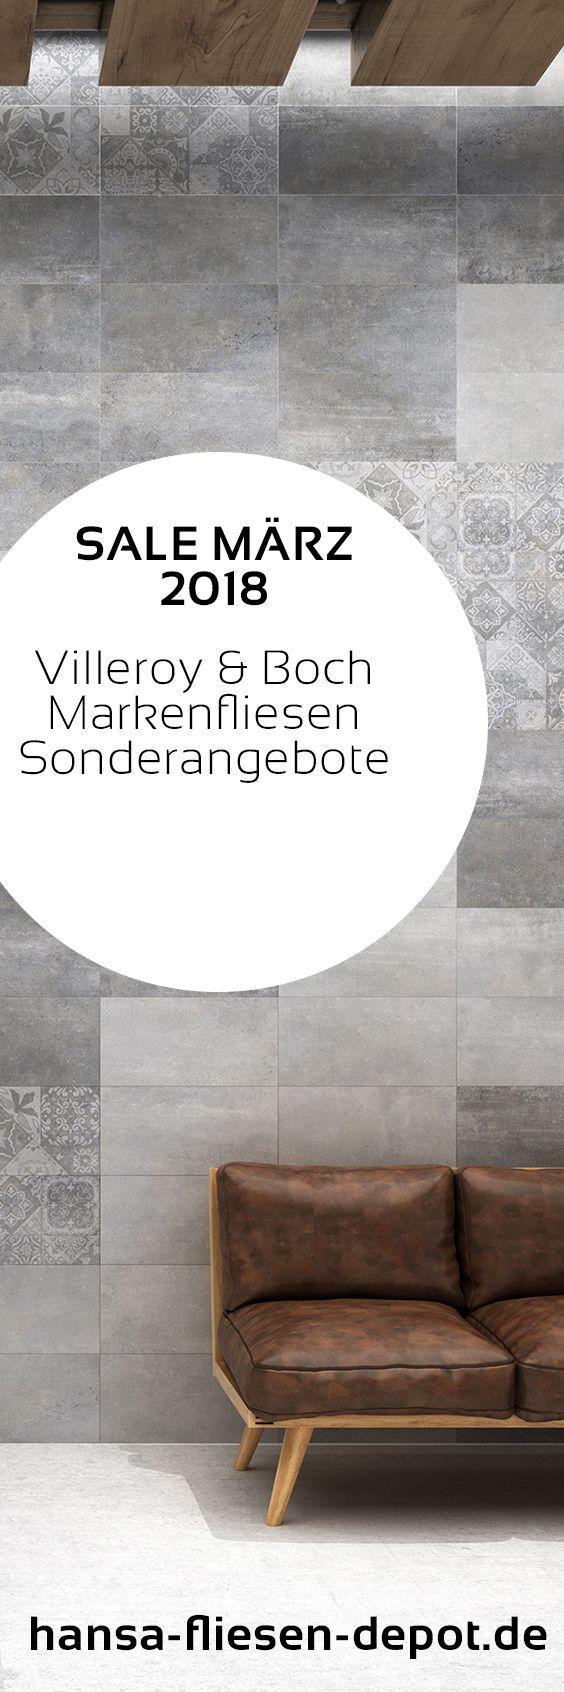 Schön Büro Depot Etikettenvorlage Galerie - Beispiel Wiederaufnahme ...